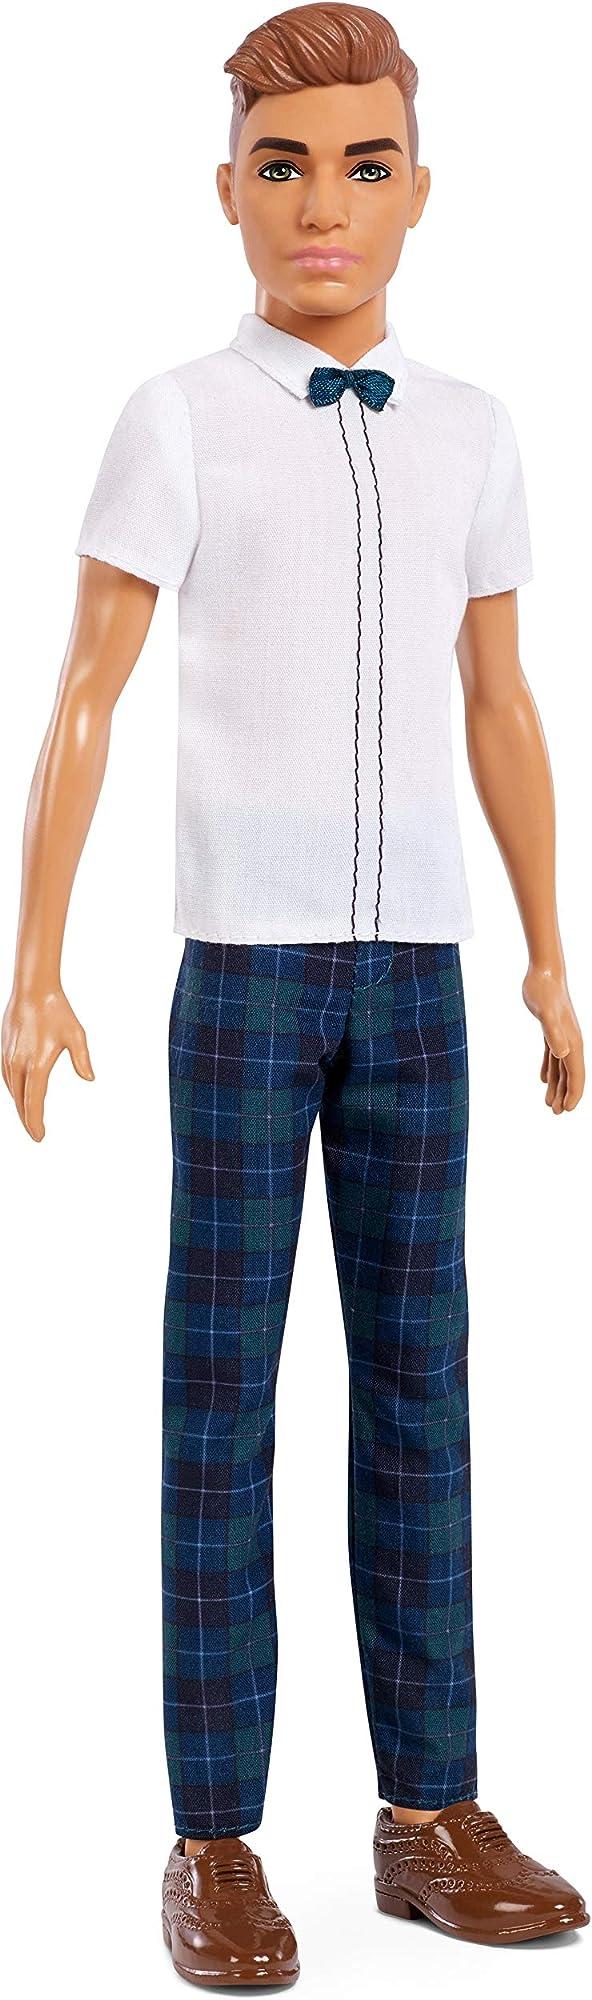 Barbie, ken con camicia bianca e pantaloni con stampa a quadri casual FXL64